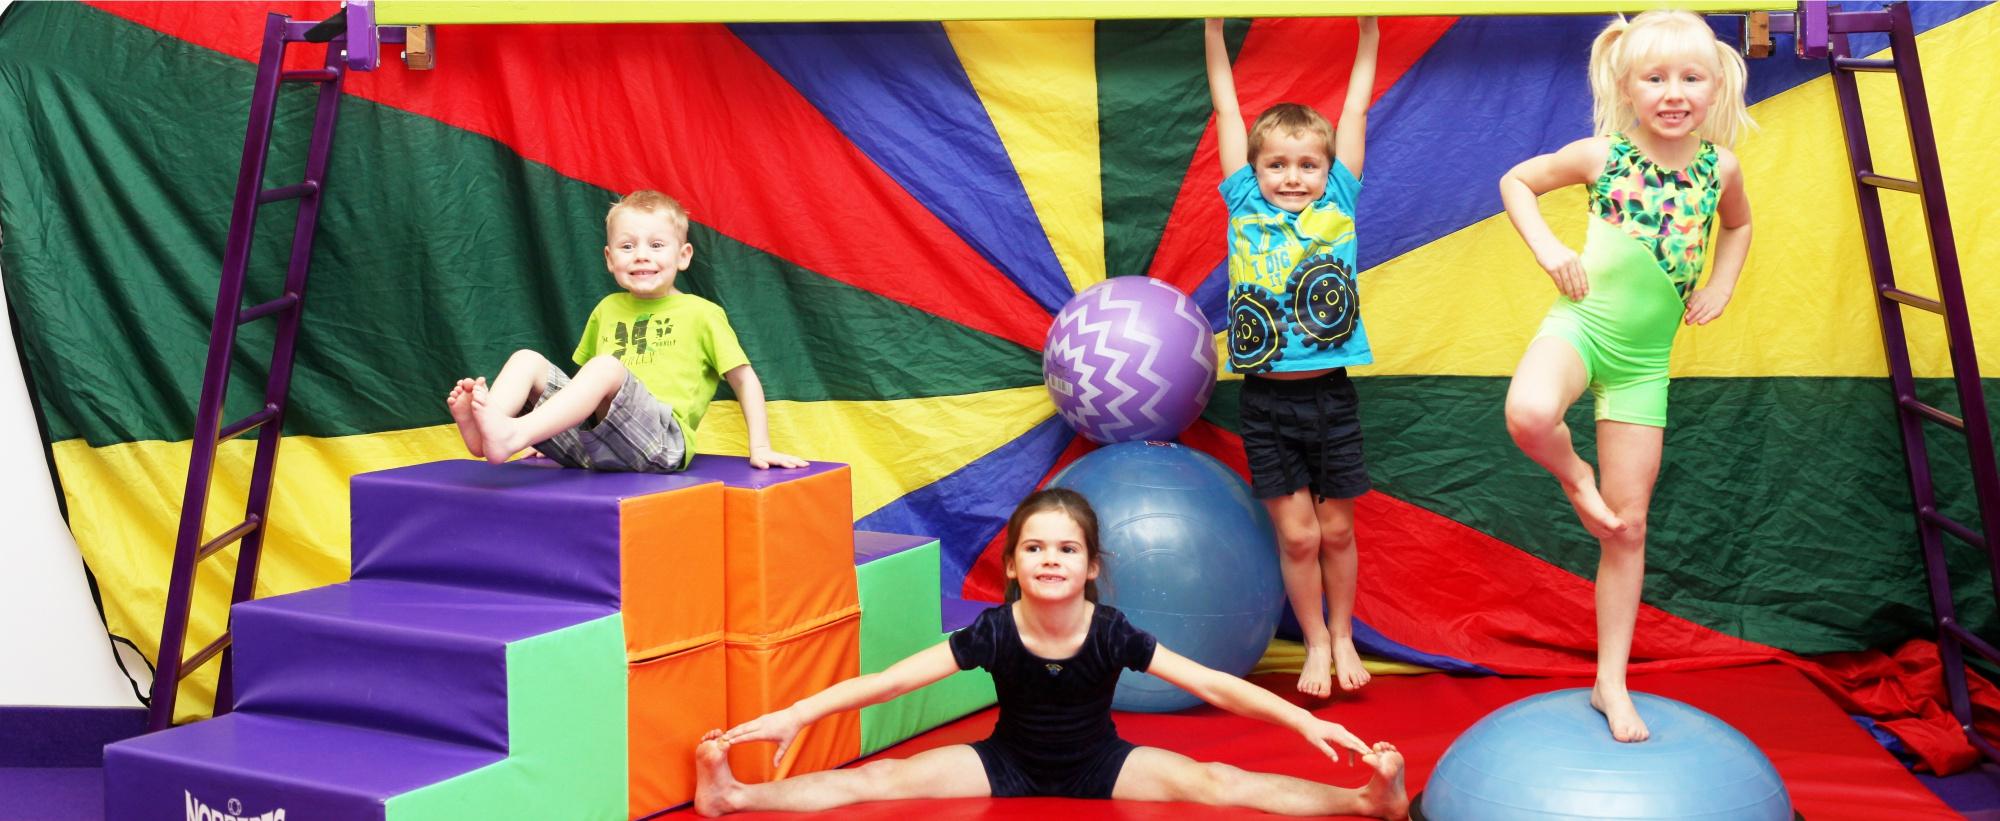 kelowna gymnastics preschool classes